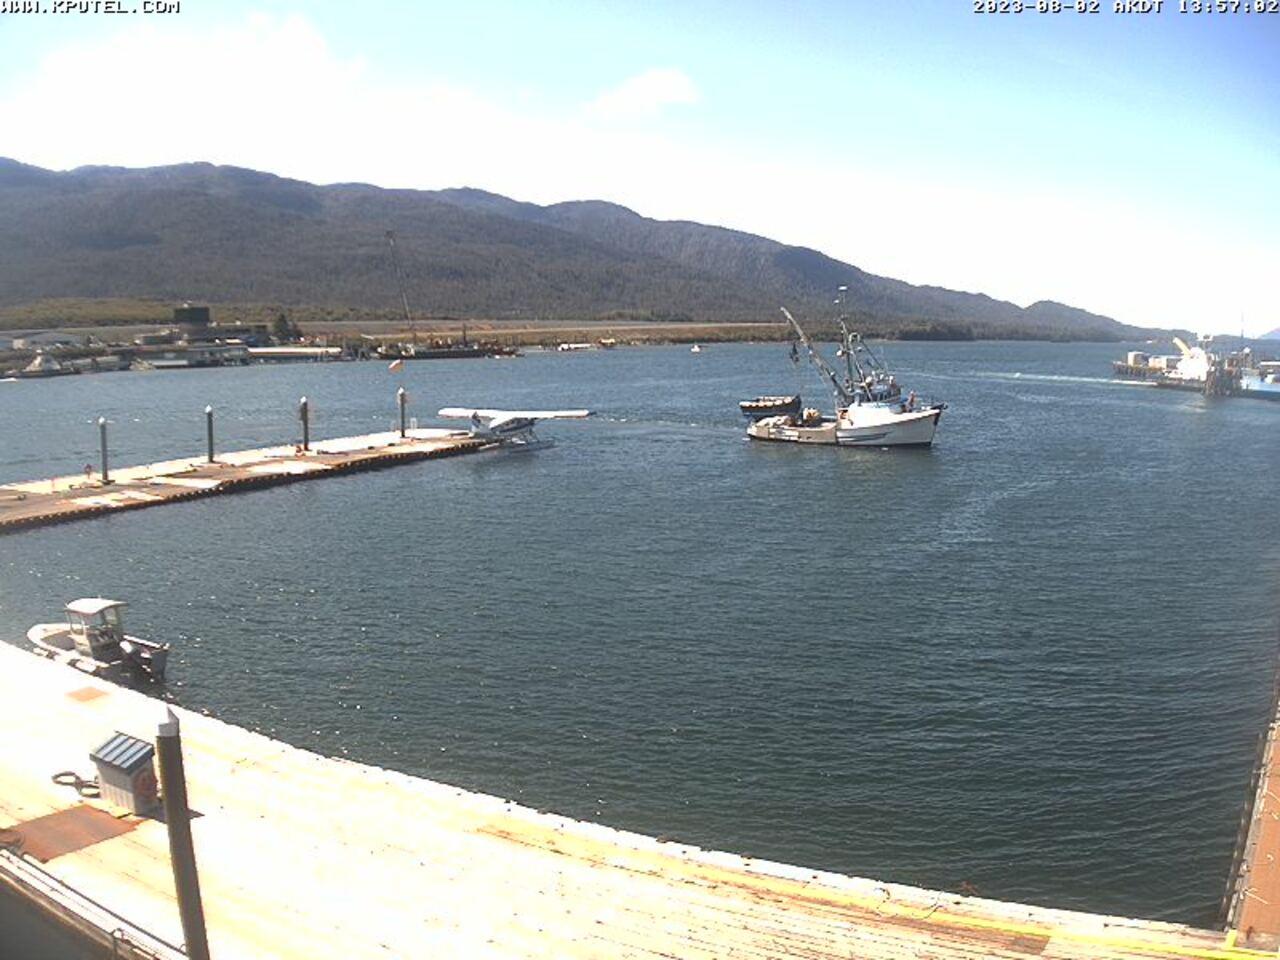 Current Ketchikan Webcam #5 Mega-View Image